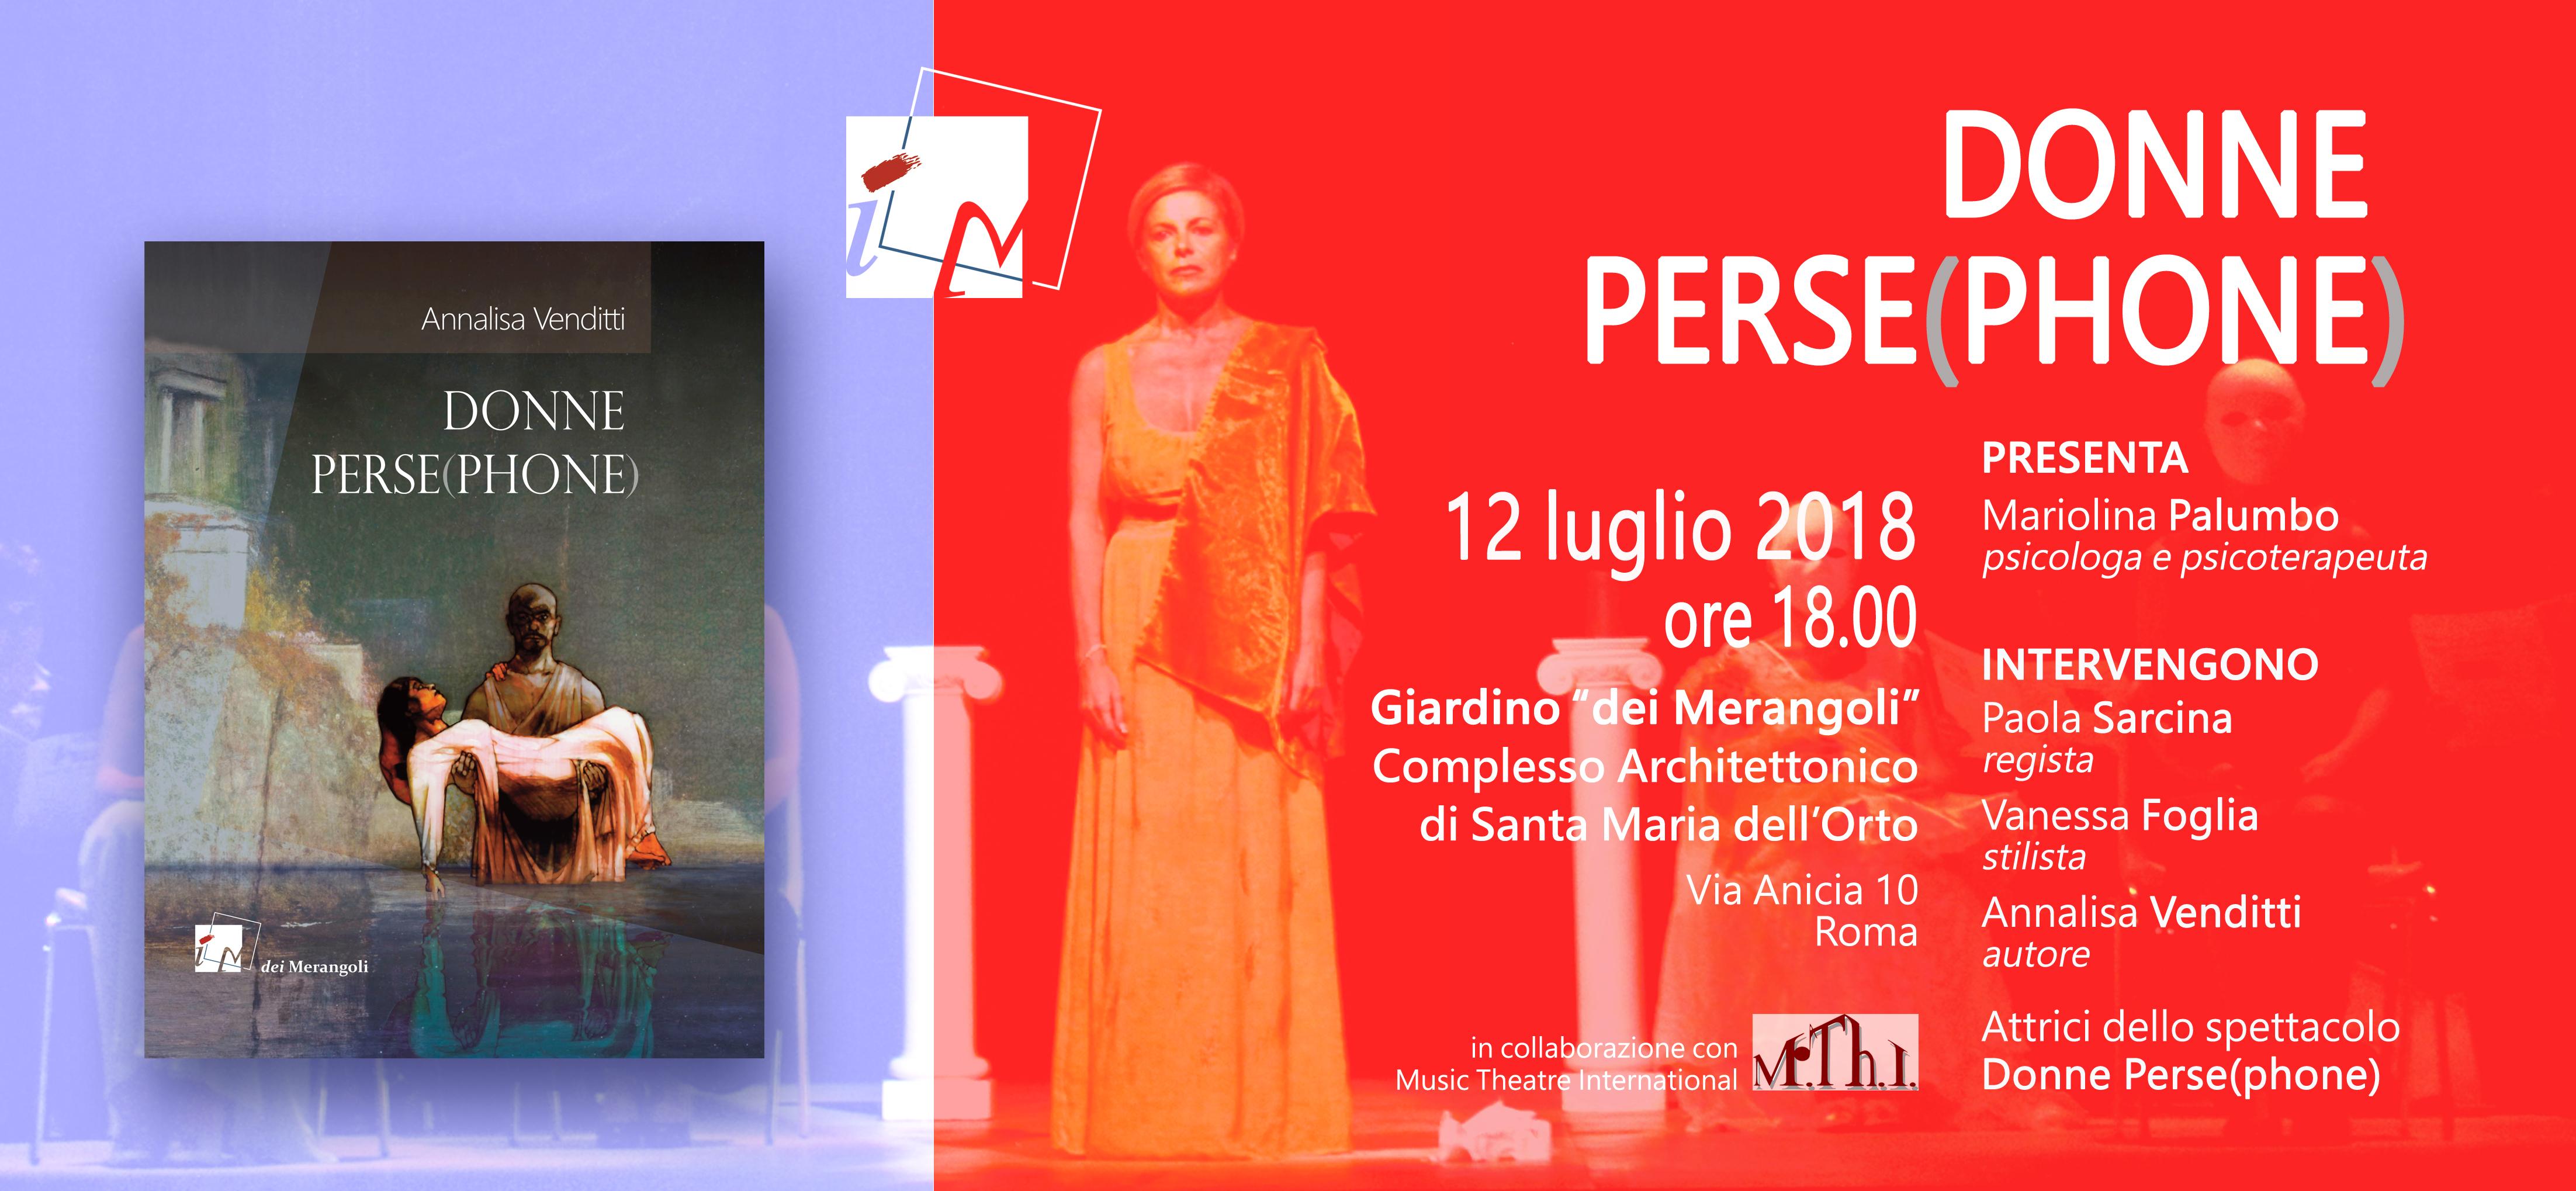 """Presentazione libro """"DONNE PERSE(PHONE)""""di Annalisa Venditti - 12 luglio 2018 - ore 18.00 - Giardino dei Merangoli - Via Anicia,10 (Trastevere) - Santa Maria dell'Orto - Roma"""